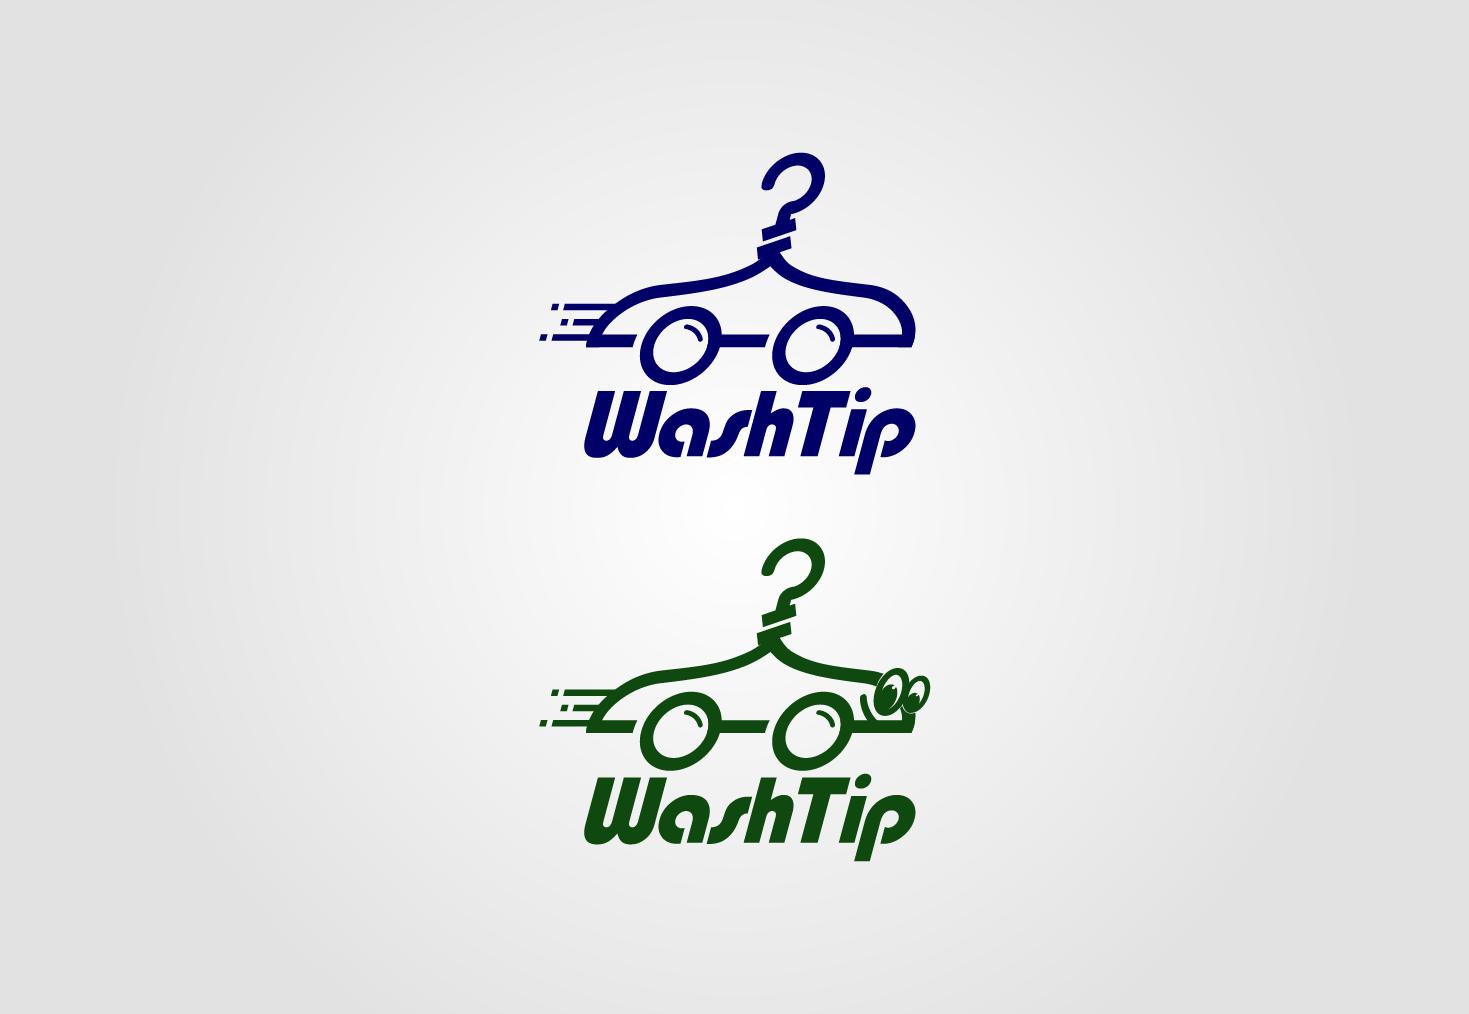 Разработка логотипа для онлайн-сервиса химчистки фото f_2255c04df91c75aa.png